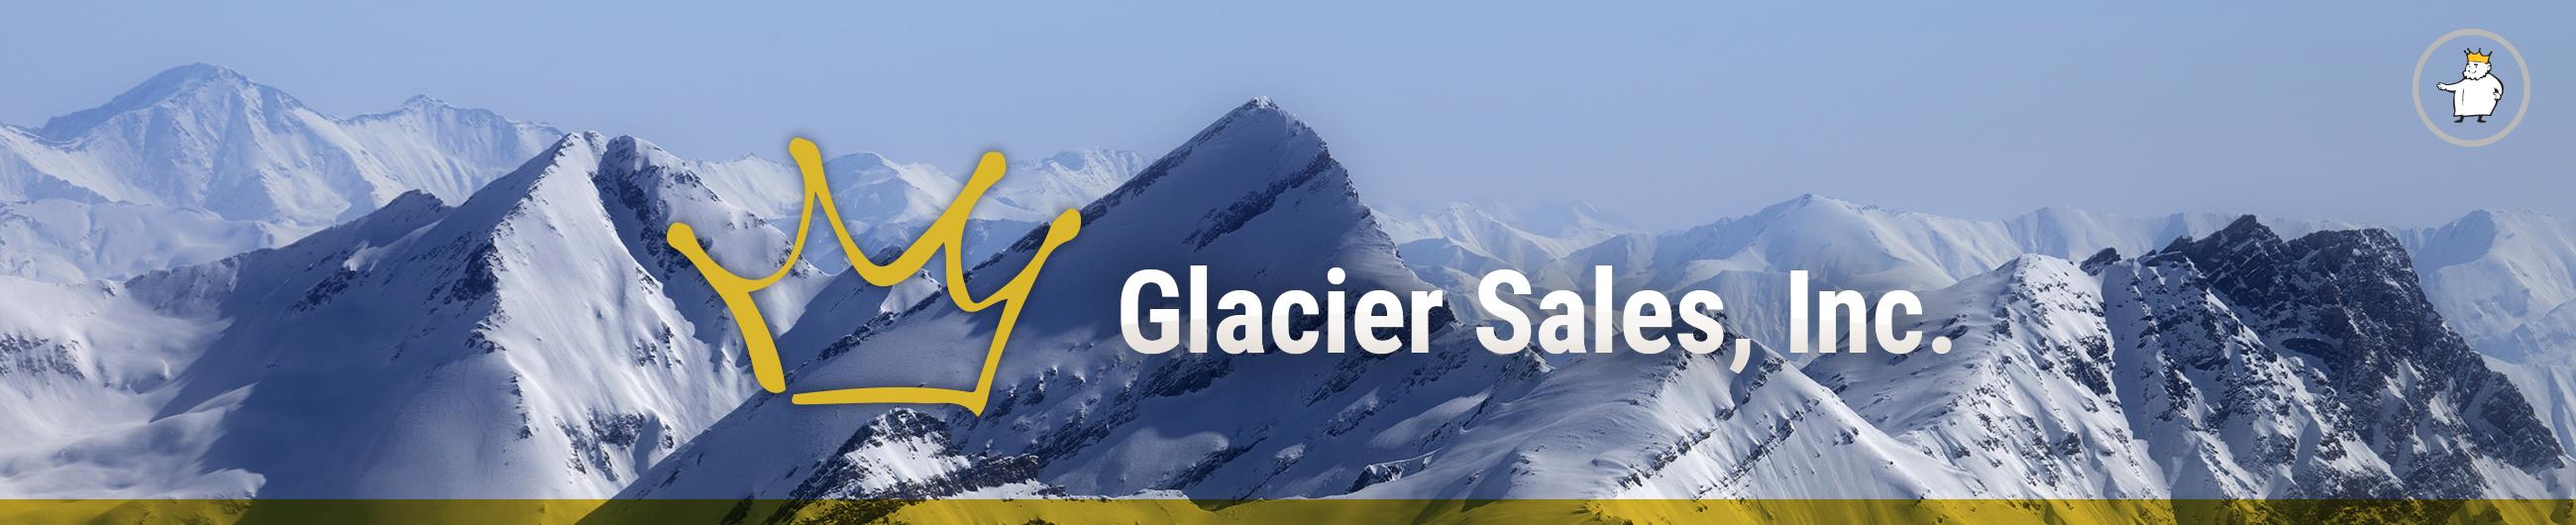 Glacier Sales